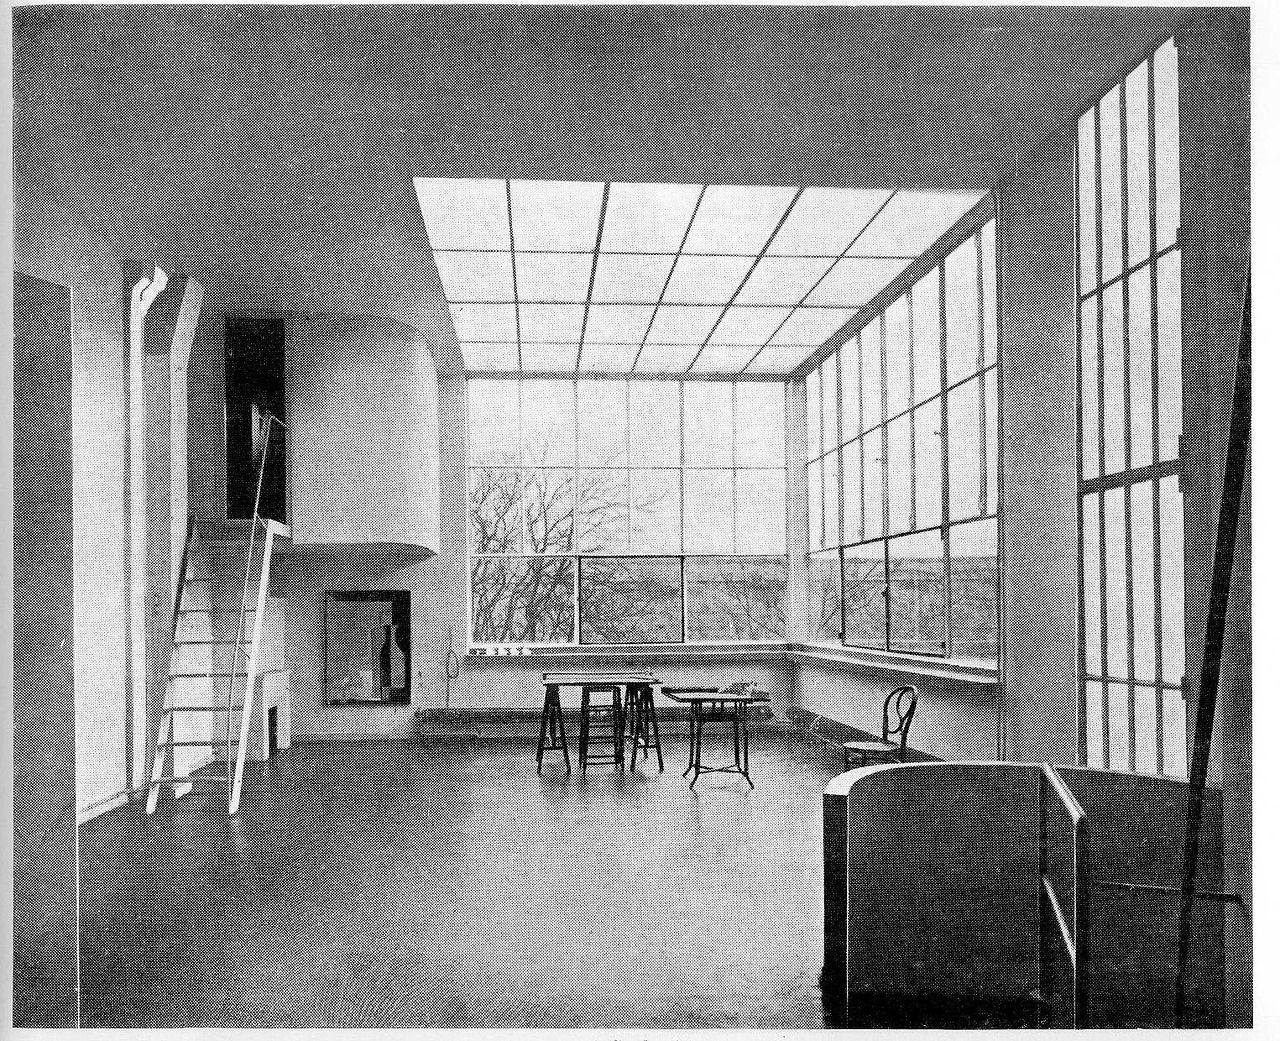 le corbusier atelier ozenfant paris 1923 architecture pinterest architecture le. Black Bedroom Furniture Sets. Home Design Ideas